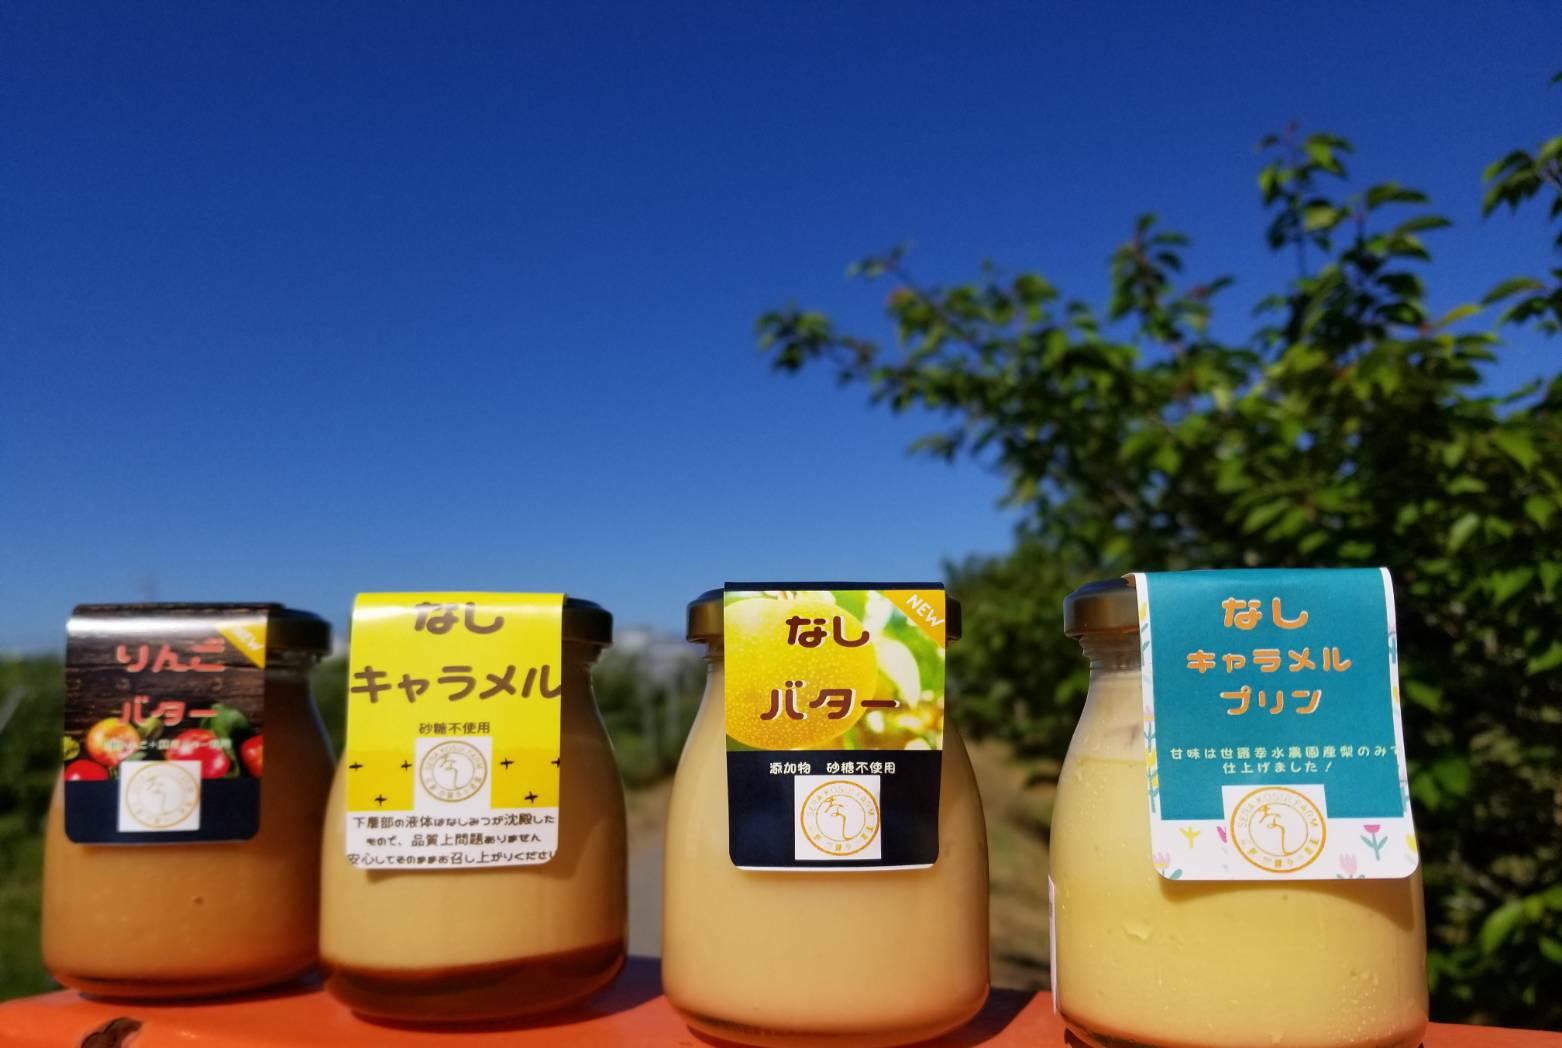 世羅幸水農園の「なしバター、なしキャラメル、なしキャラメルプリン、りんごバター」